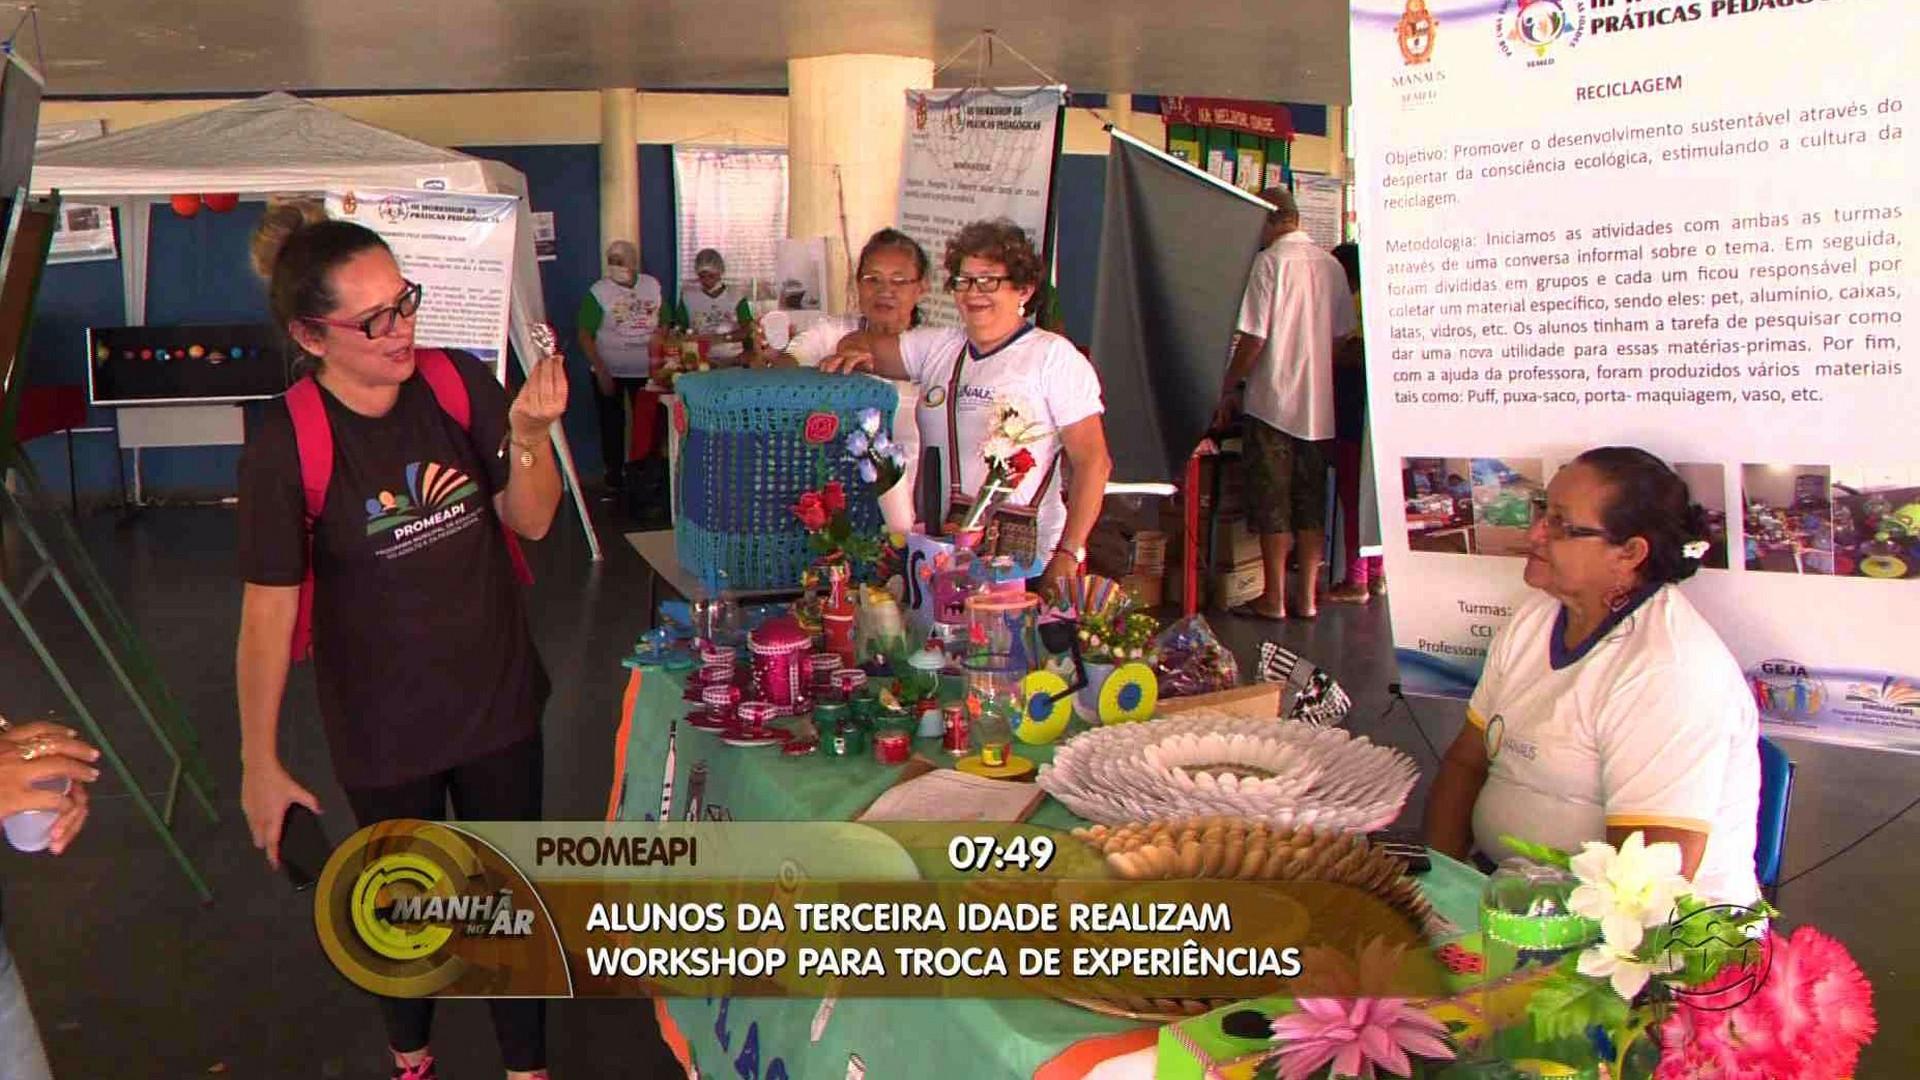 TERCEIRA IDADE: ALUNOS REALIZAM WORKSHOP PARA TROCA DE EXPERIÊNCIAS - Manhã no Ar 16/07/17